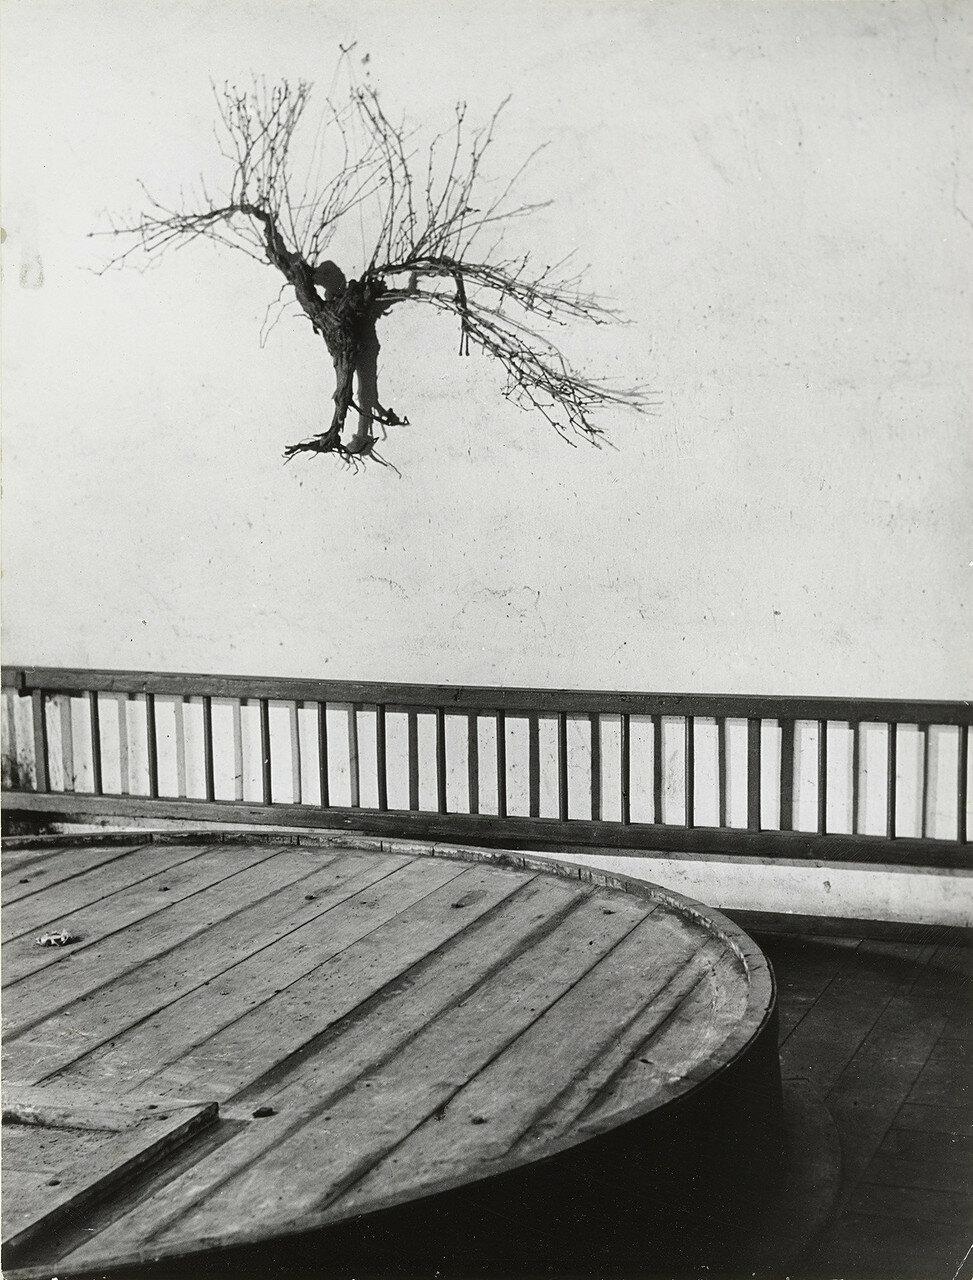 1955. Лоза в винном погребе, Шато Мутон-Ротшильд